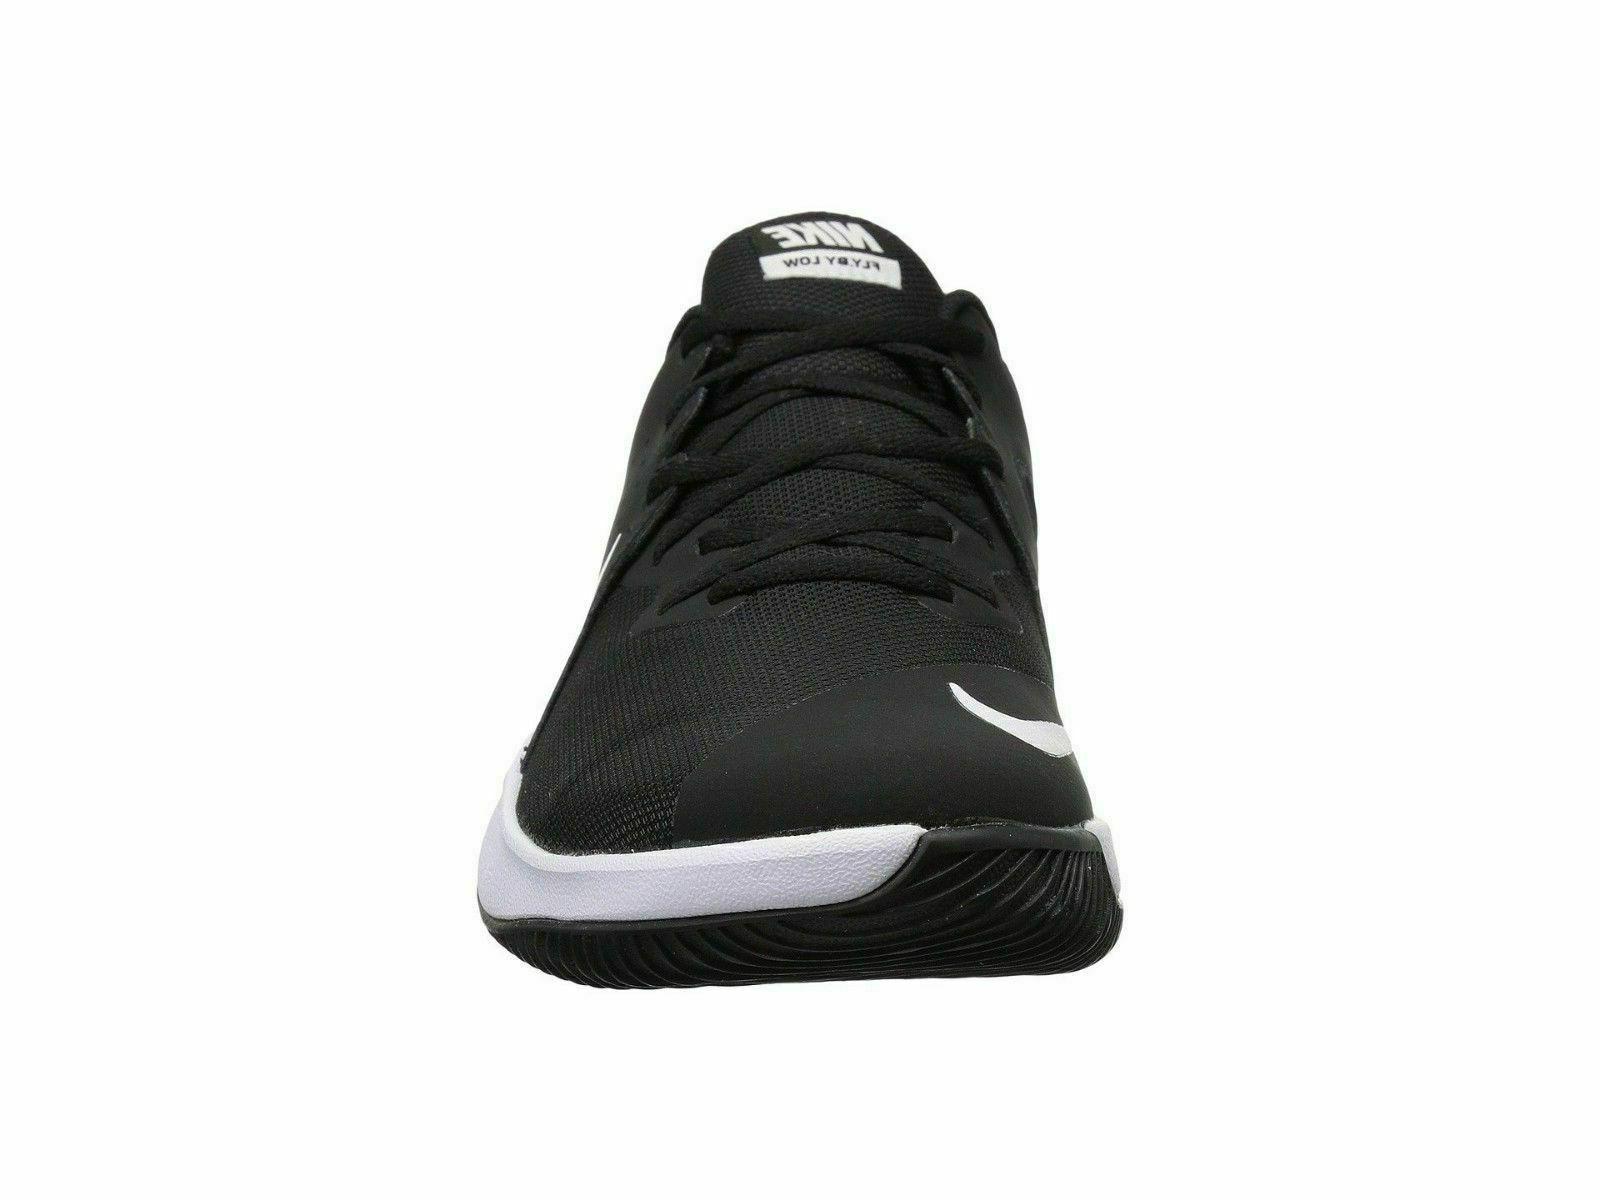 Nike Black Men's Shoes NEW!